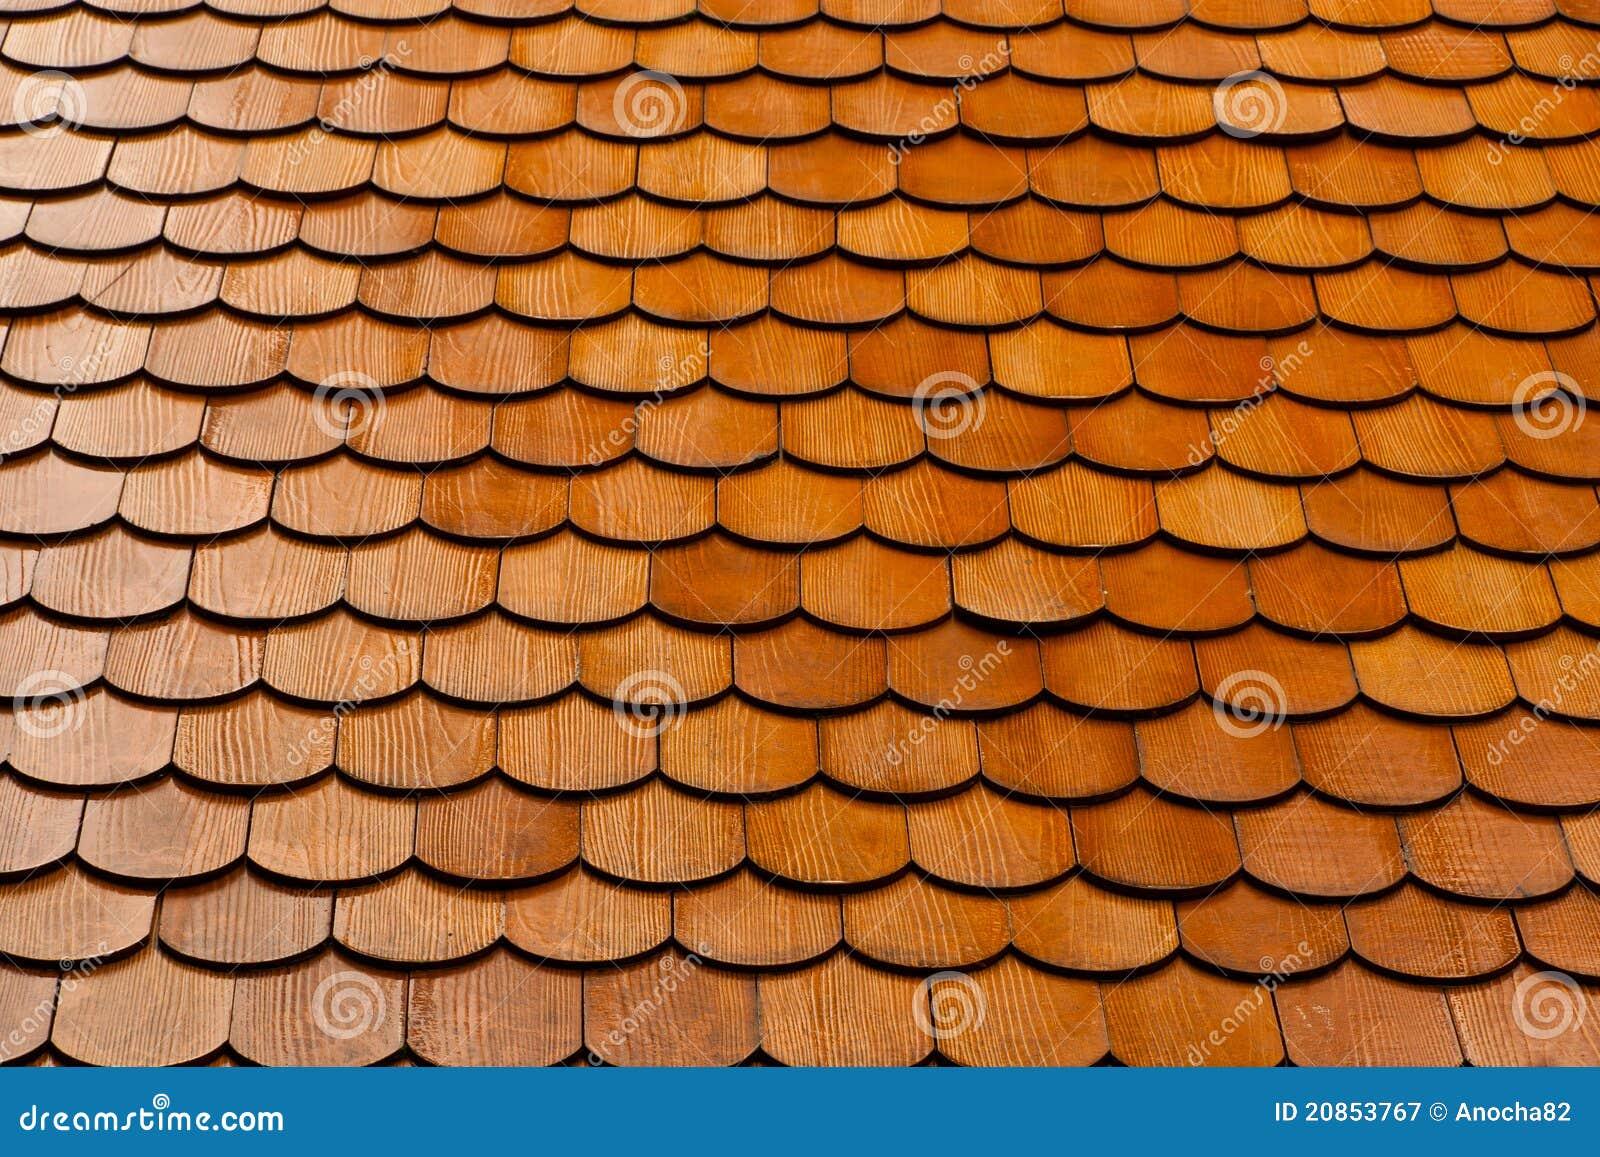 Tuile de toit image stock image du ligne bois toit 20853767 for Tuile de faitage prix